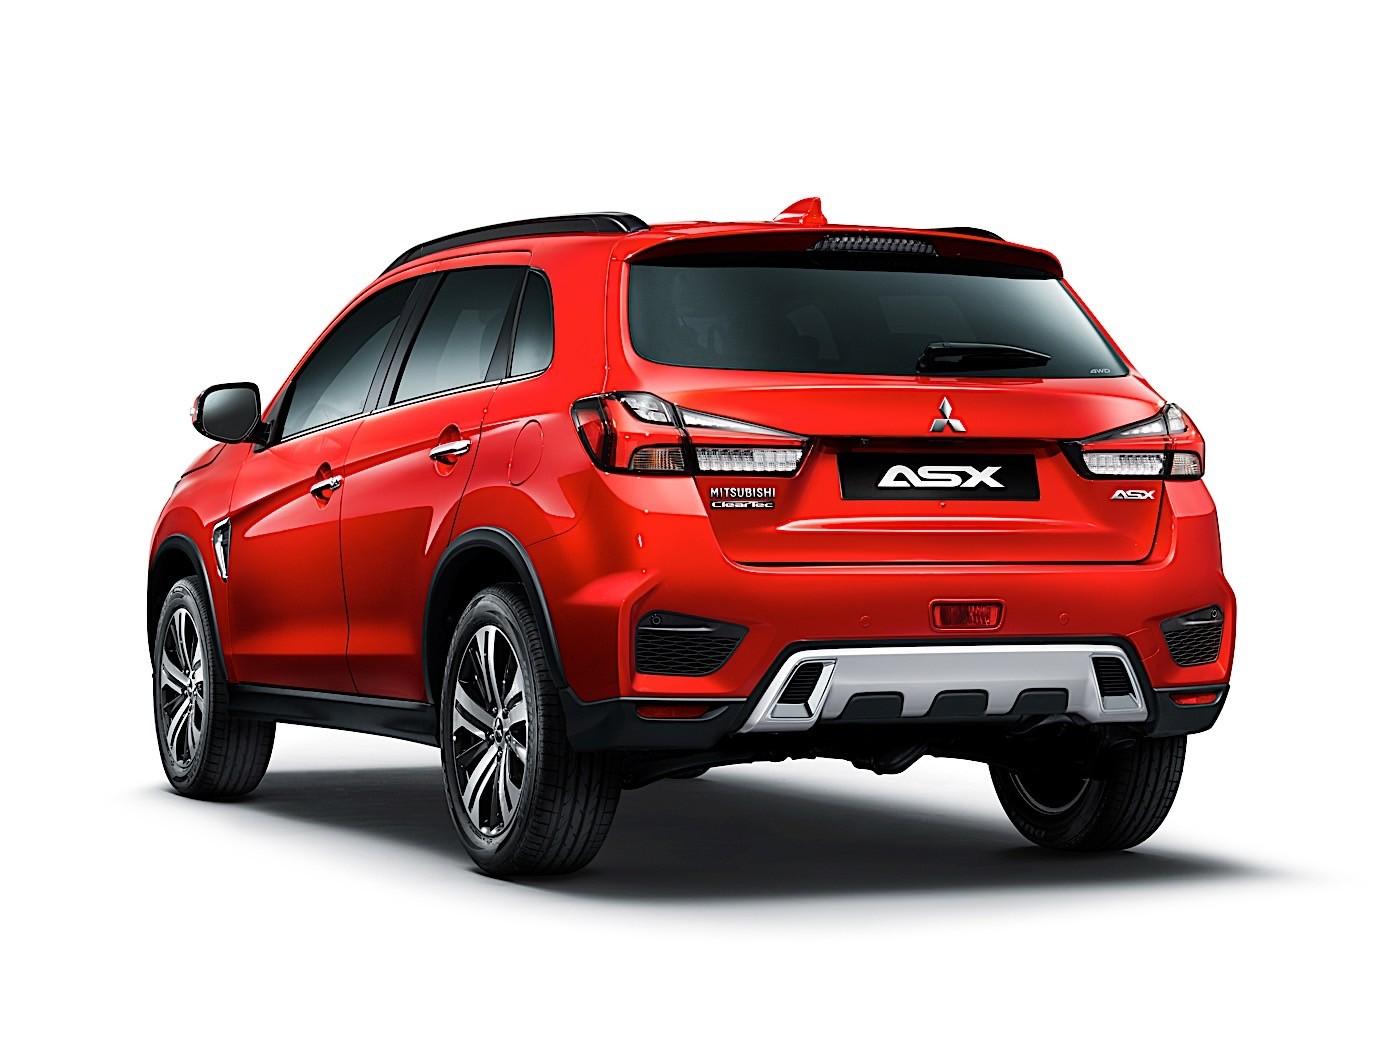 2020 Mitsubishi ASX Coming To The Geneva Motor Show